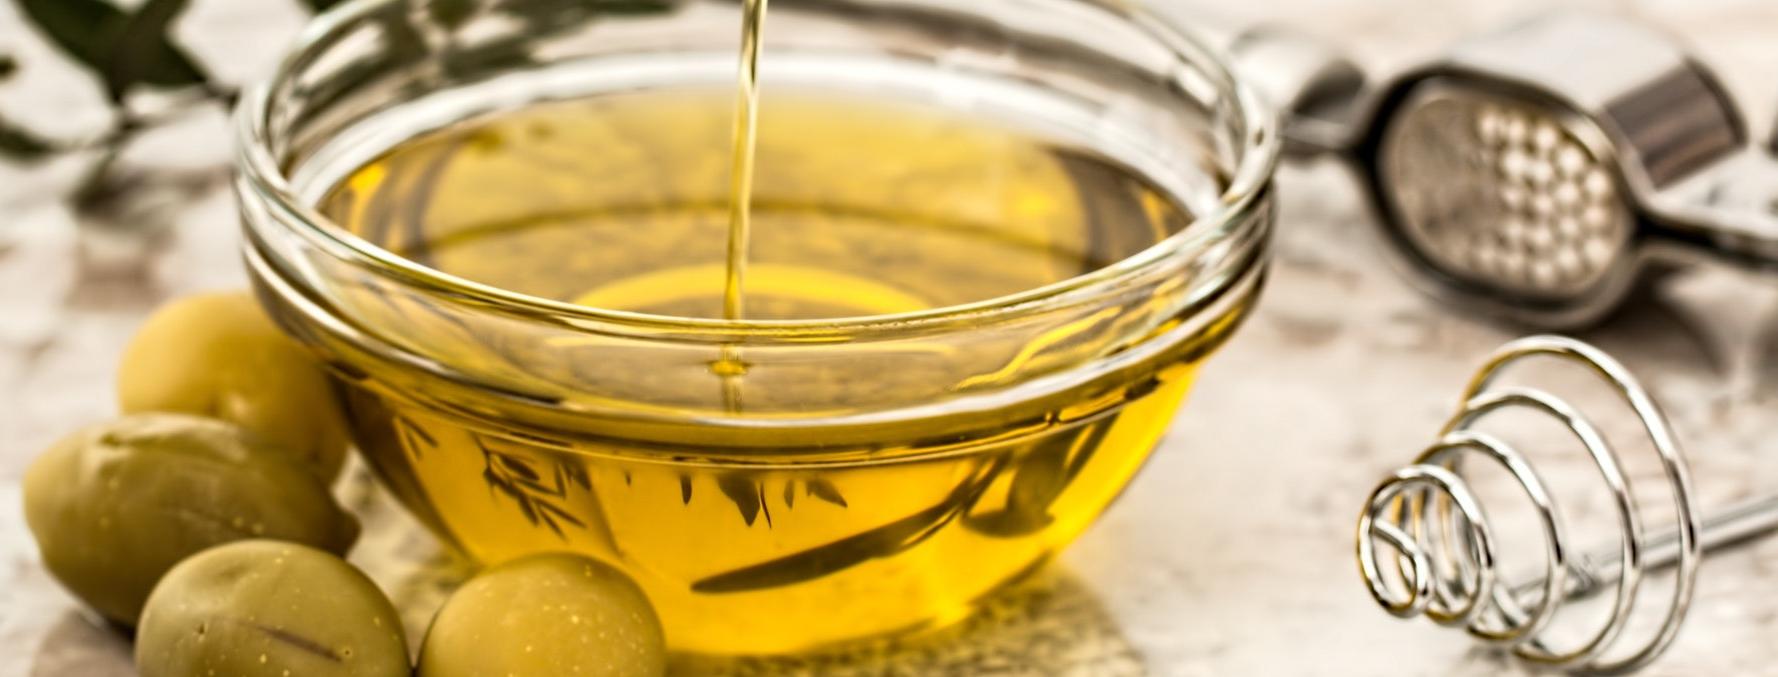 Który olej roślinny jest najzdrowszy